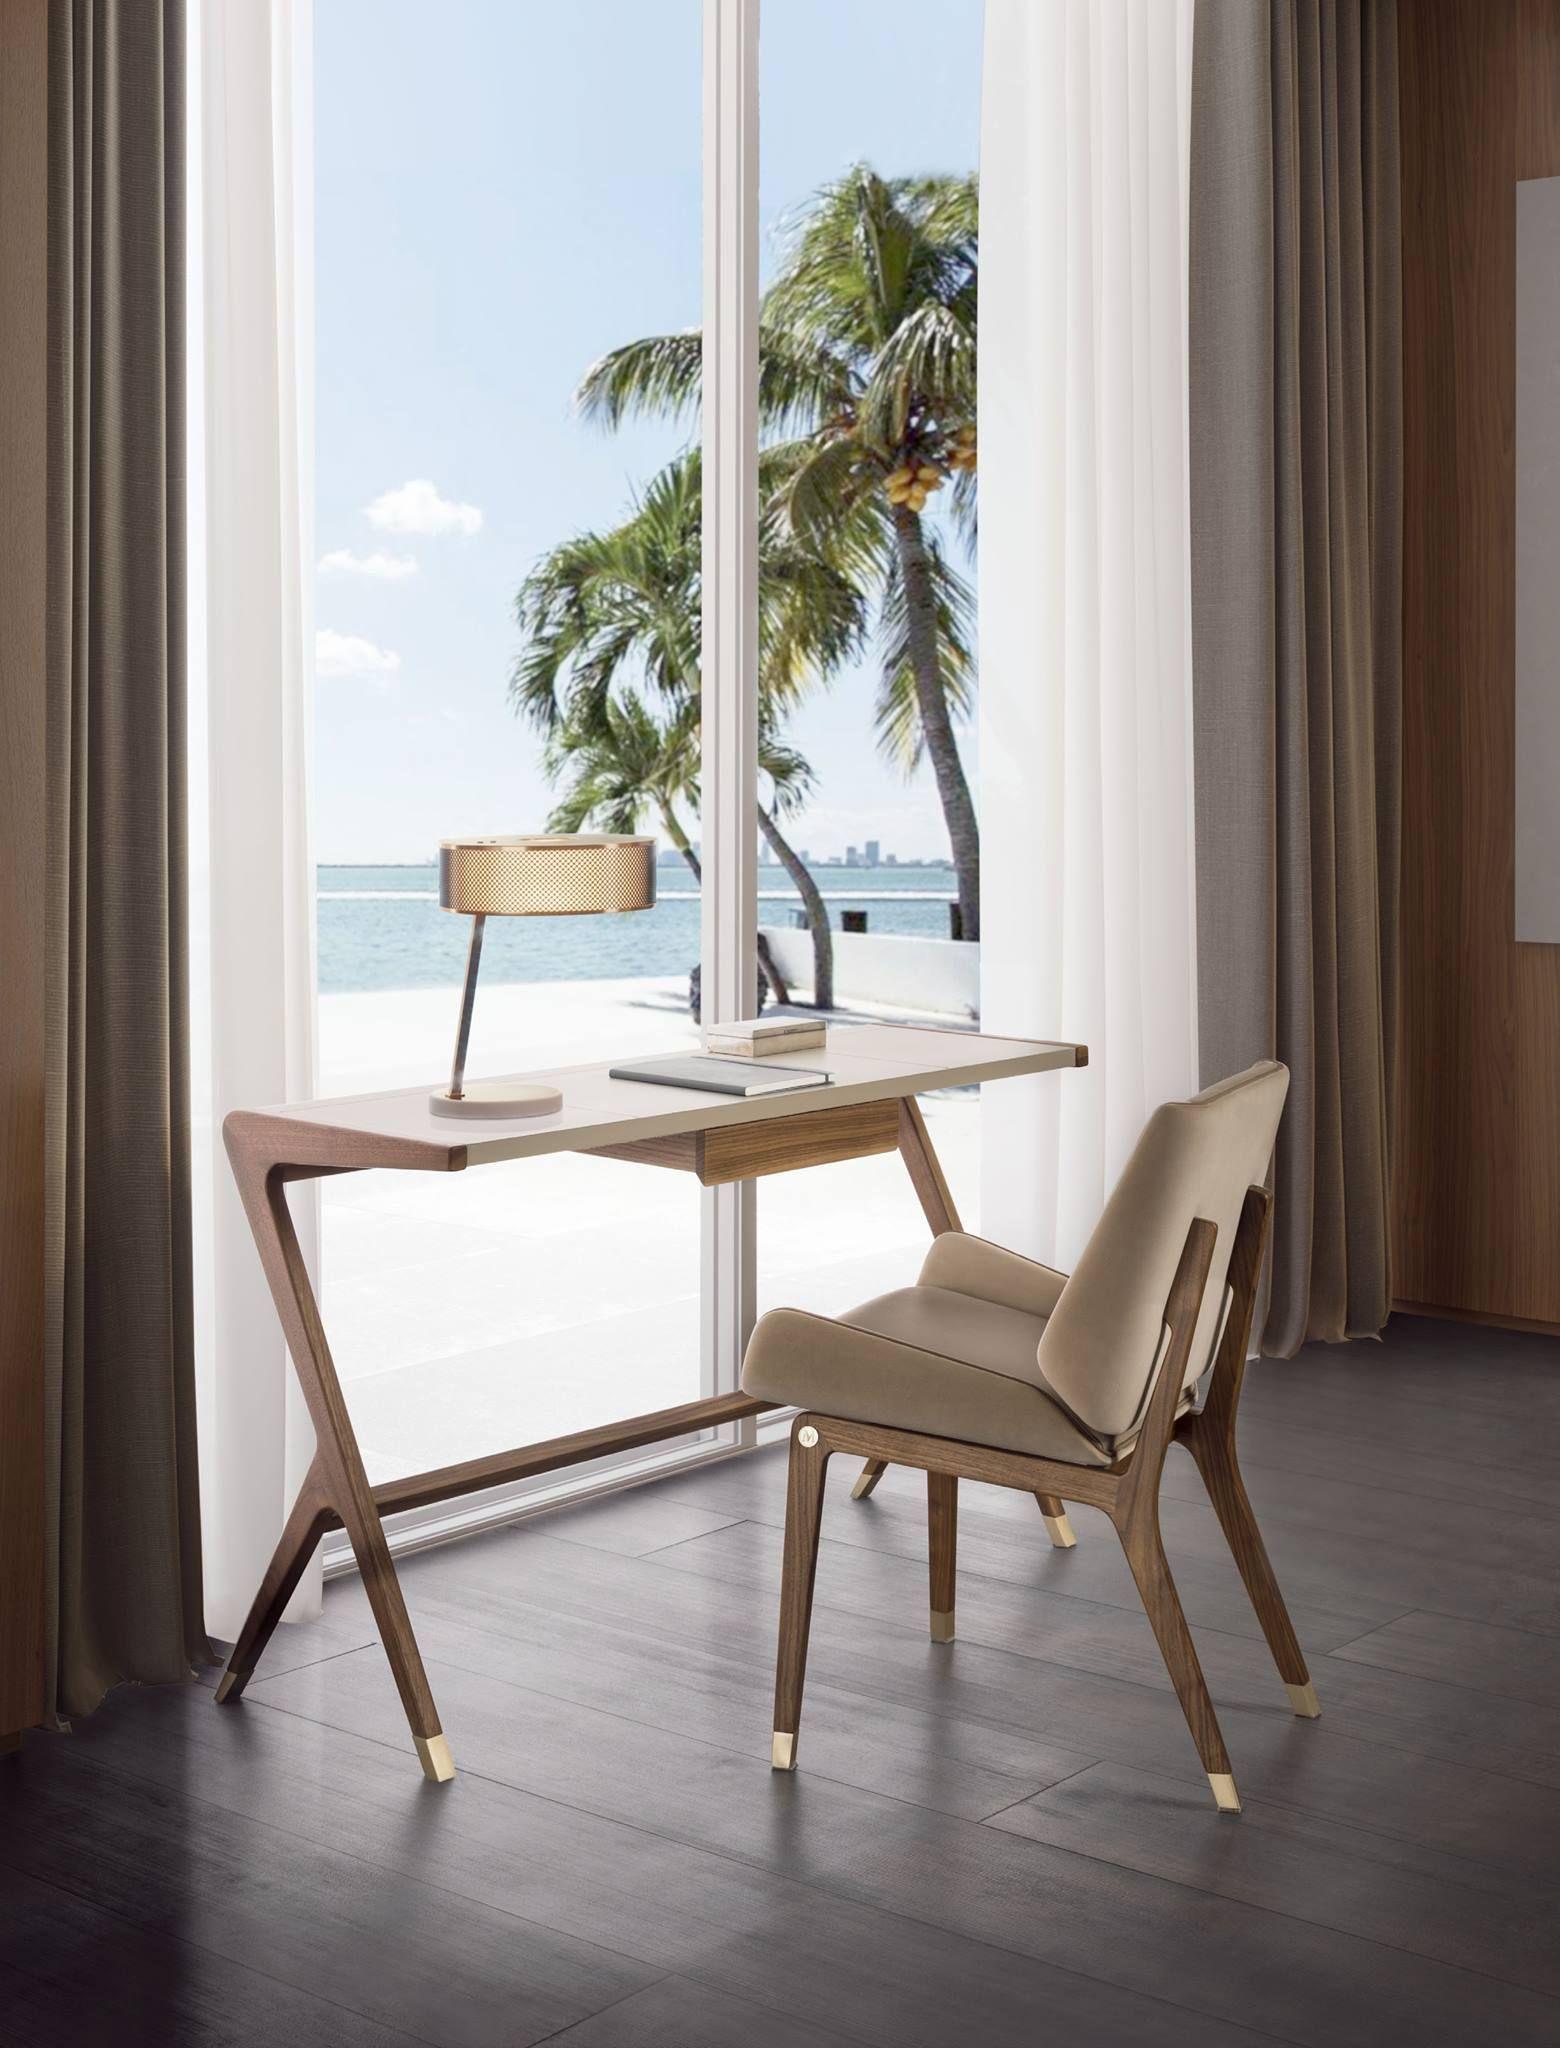 Italian Luxury Furniture Designer Furniture Singapore Da Vinci Lifestyle Italian Interior Design Coffee Shop Interior Design Furniture